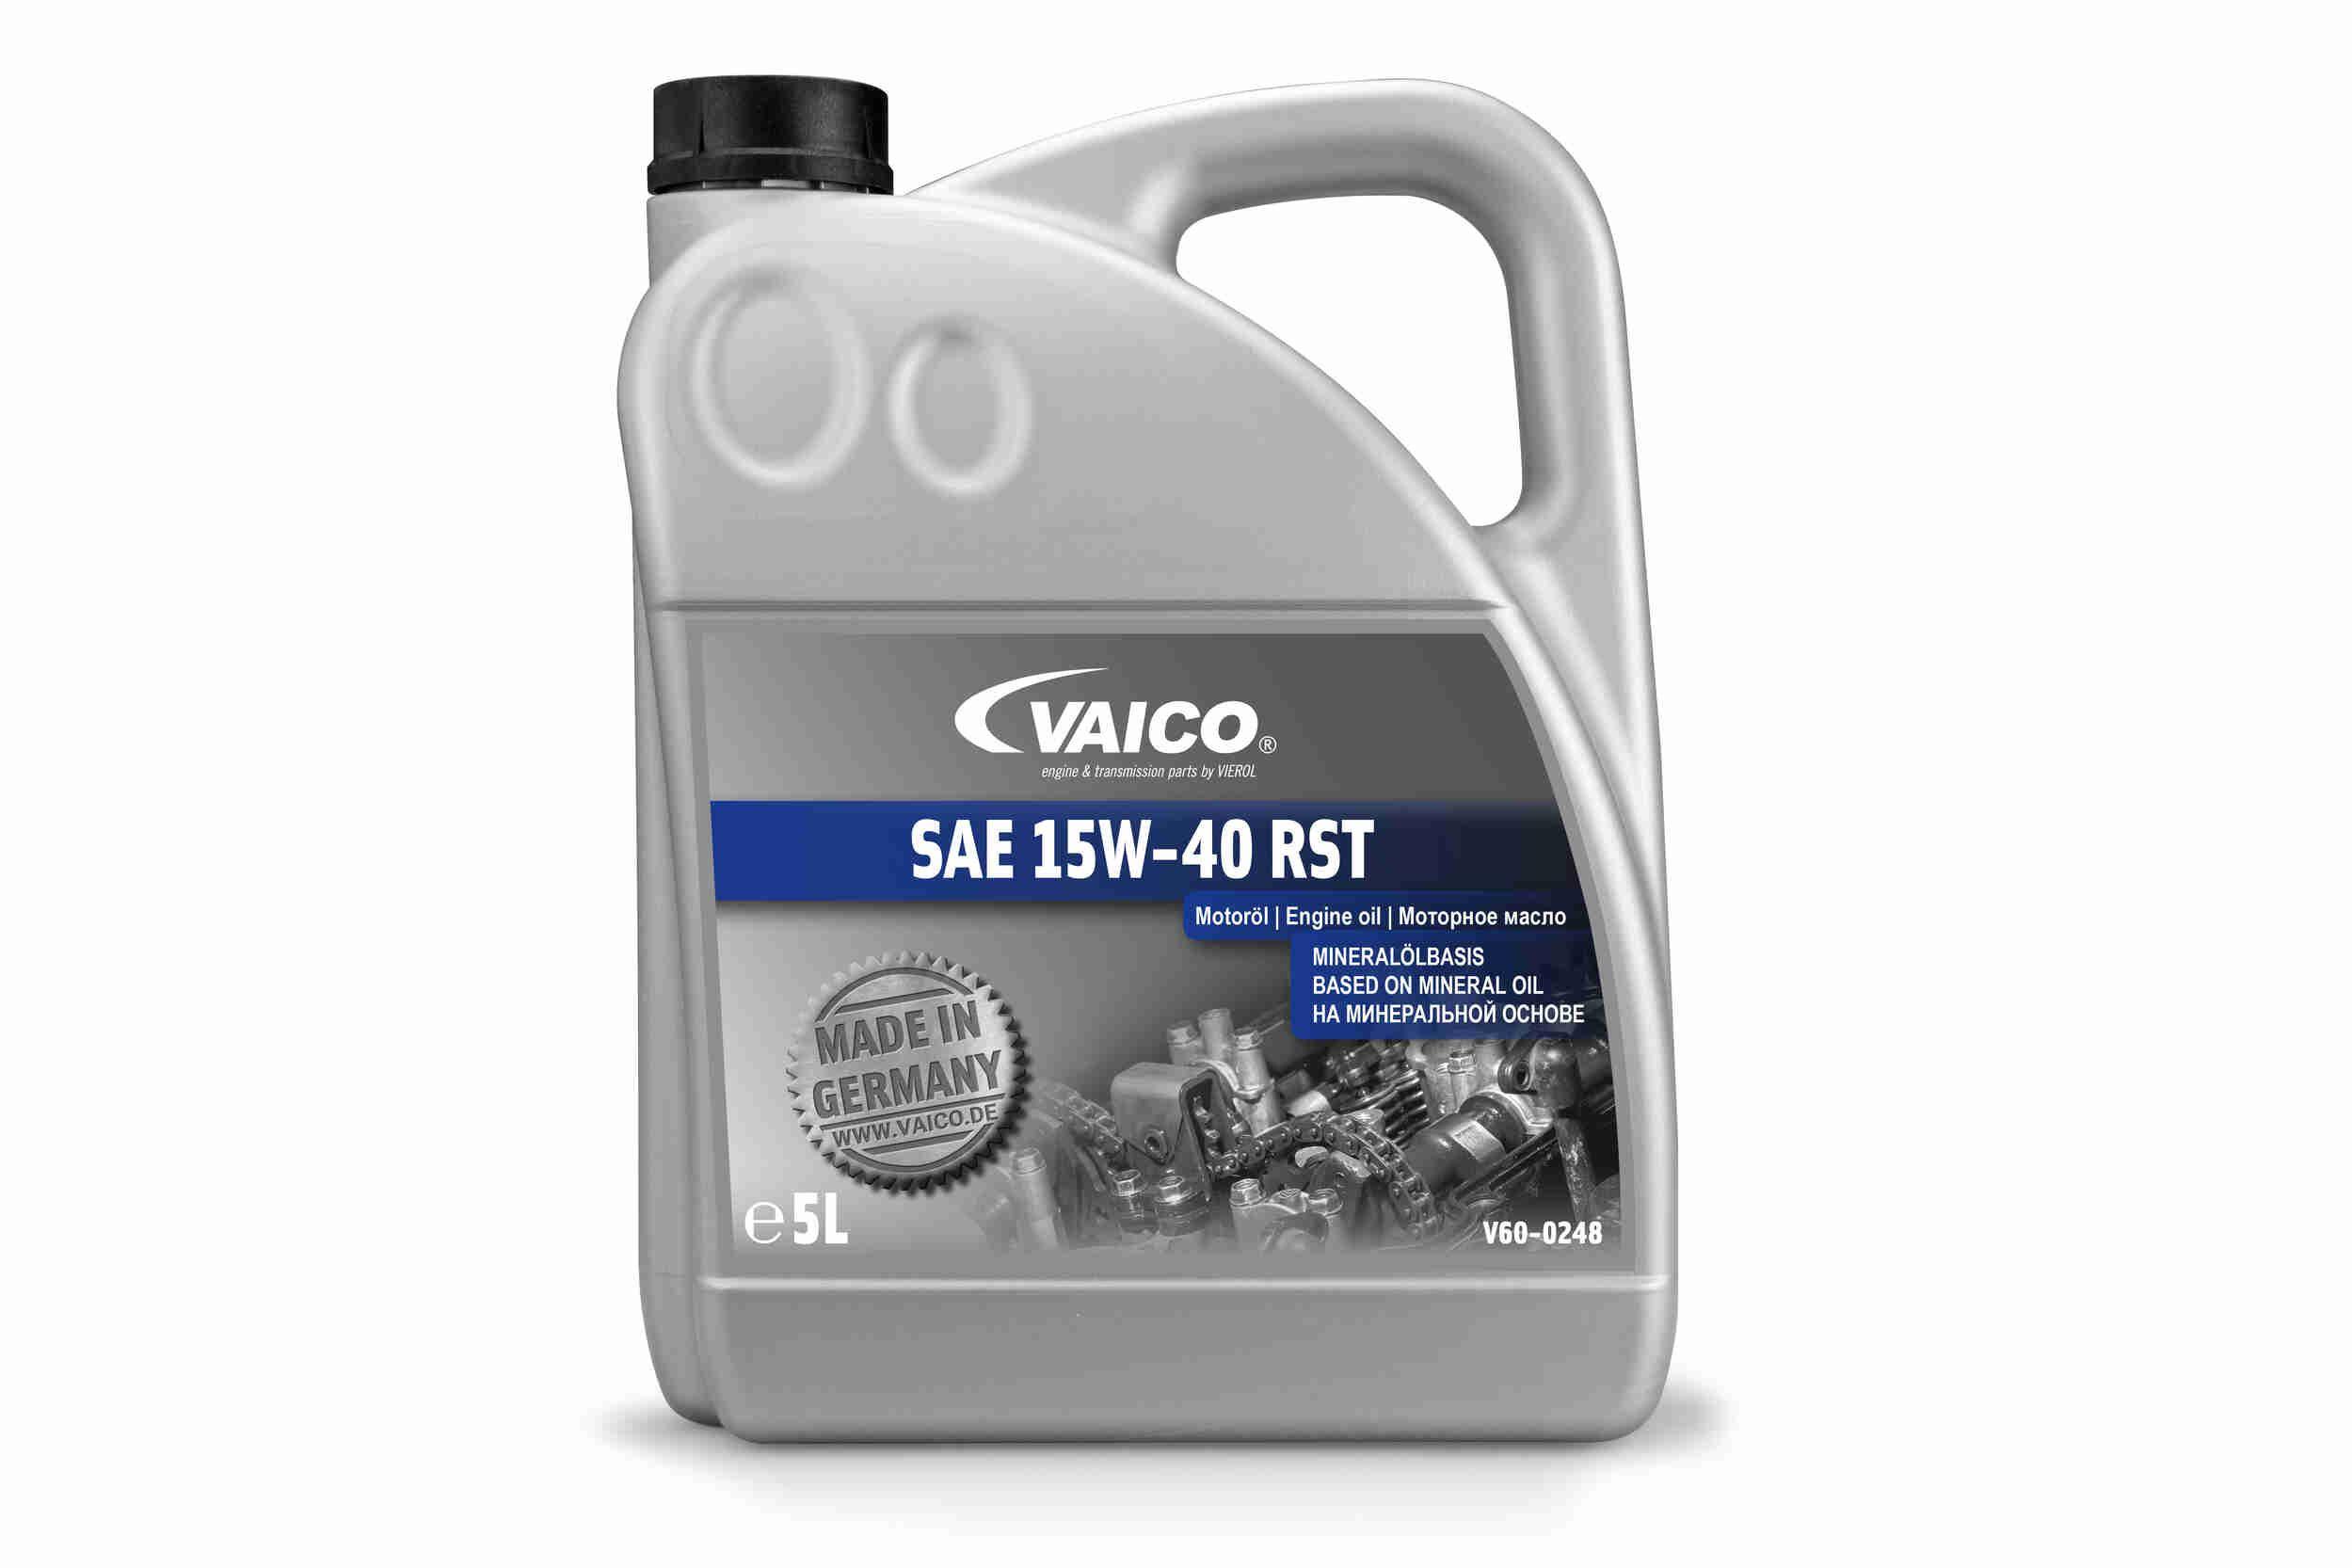 DR DR5 VAICO Olio motore V60-0248